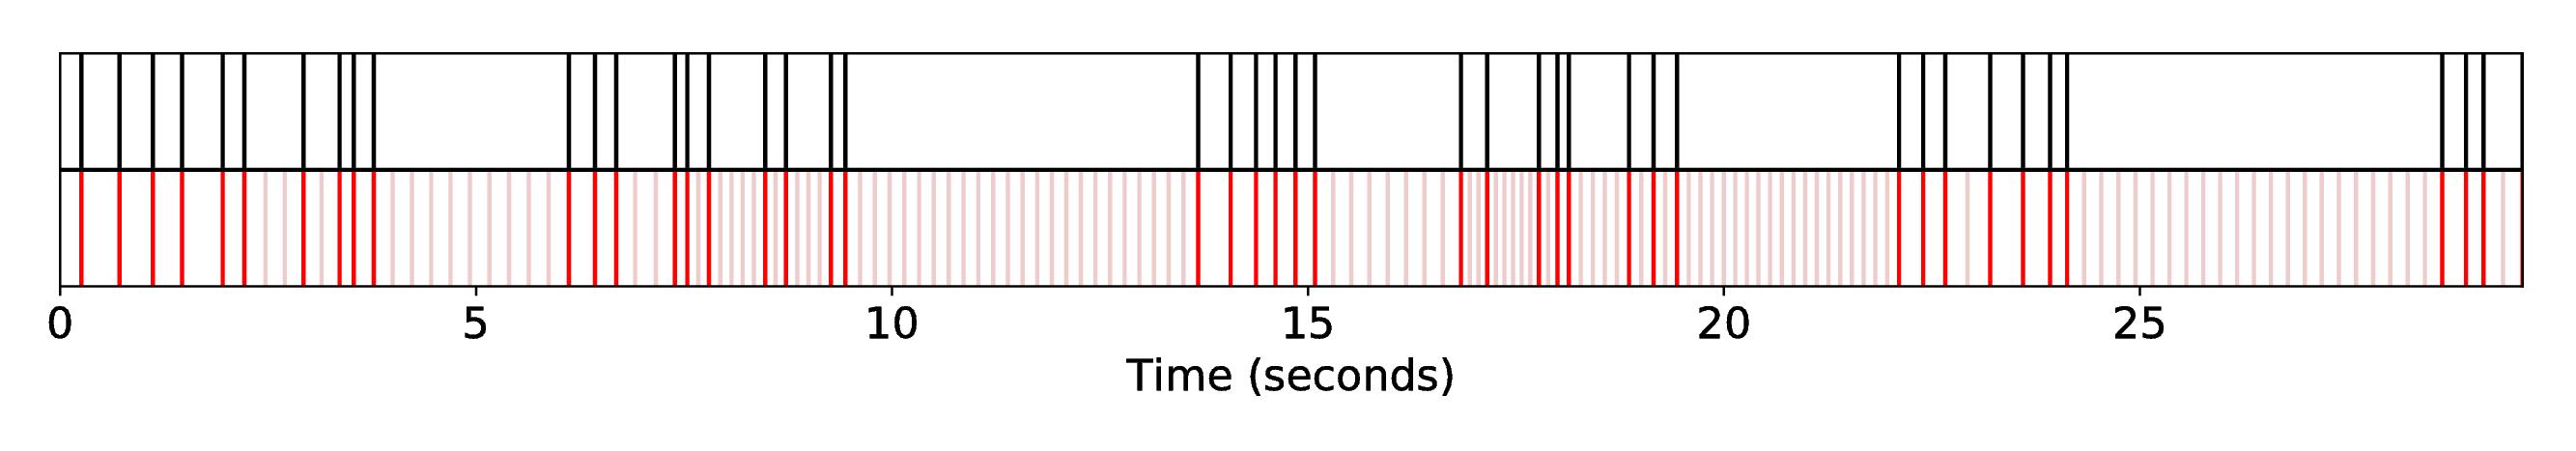 DP1_INT1_R-Syn-RaGa__S-Fandango__SequenceAlignment